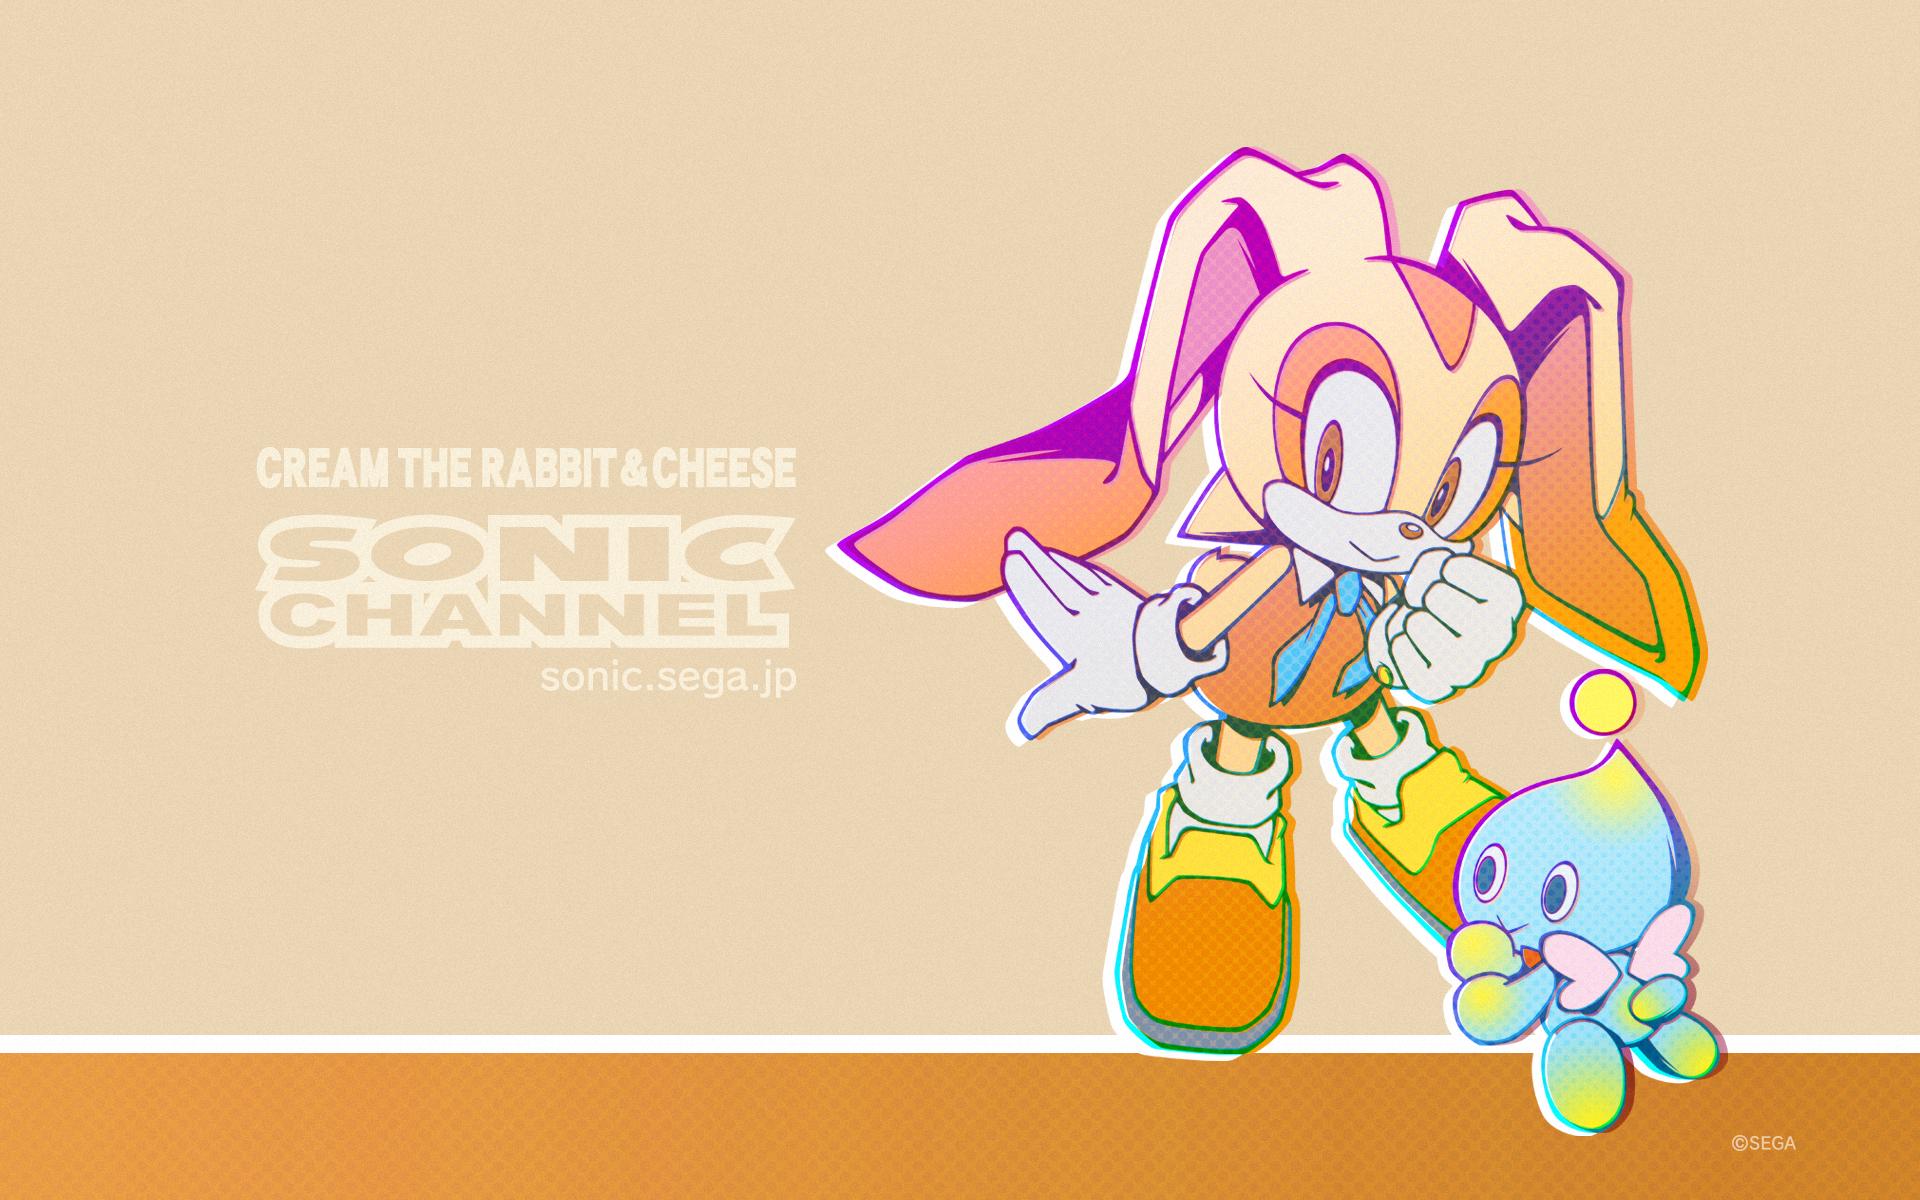 http://sonic.sega.jp/SonicChannel/enjoy/image/wallpaper_188_cream_12_pc.png